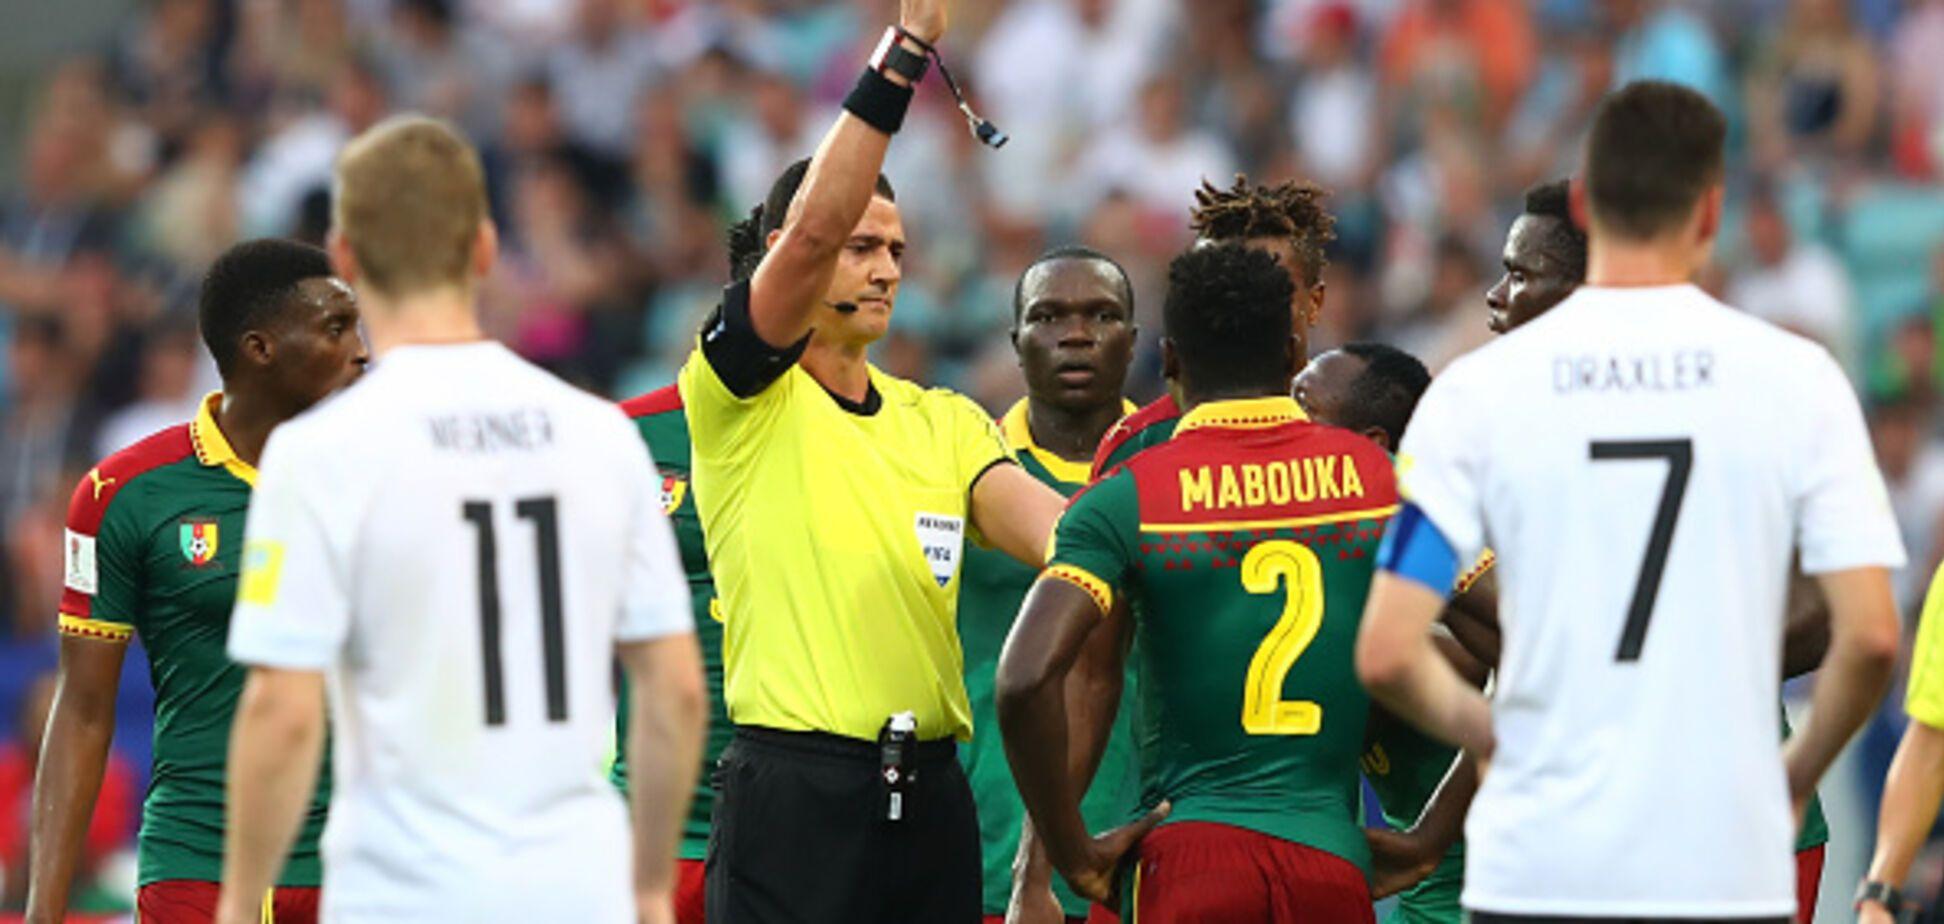 Официально: ФИФА одобрила исторические решения по ЧМ-2018 в России